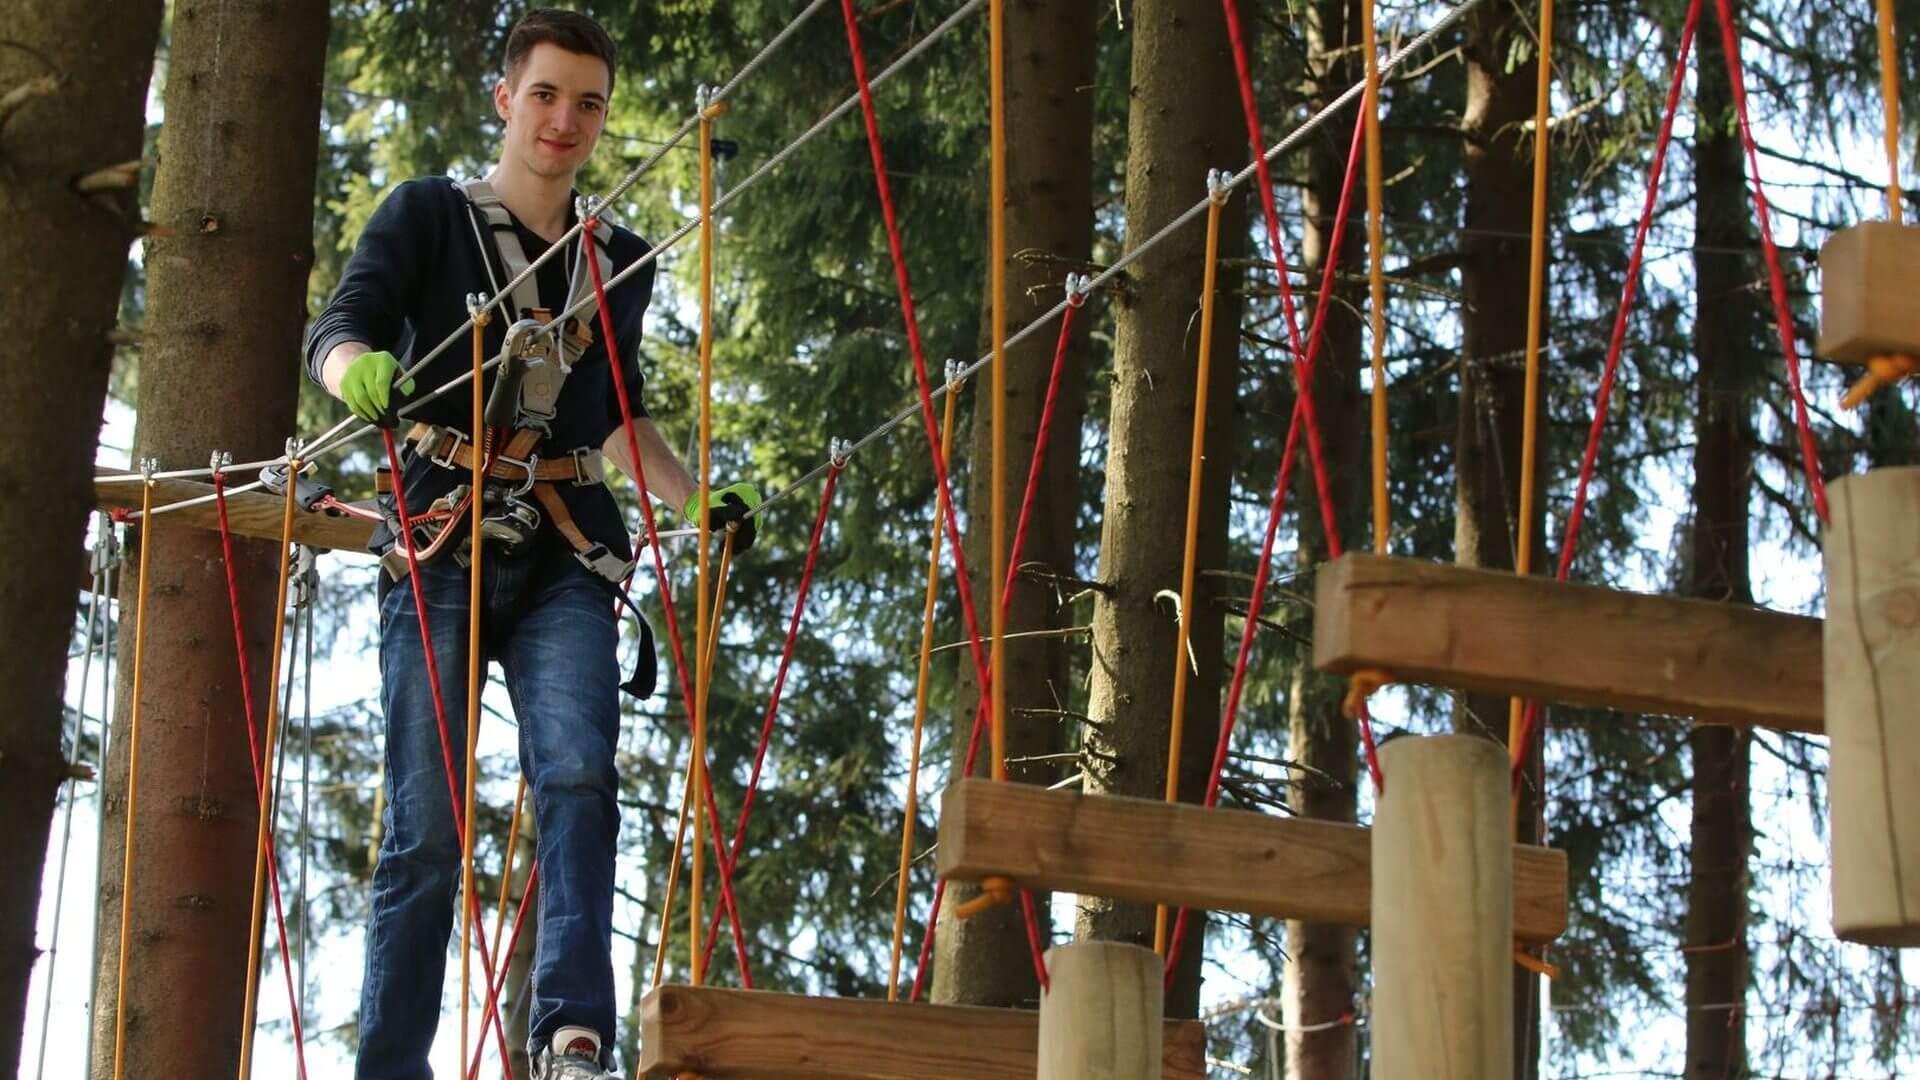 Kletterwald am 13.07.2017 bis 12:30 Uhr ausgebucht